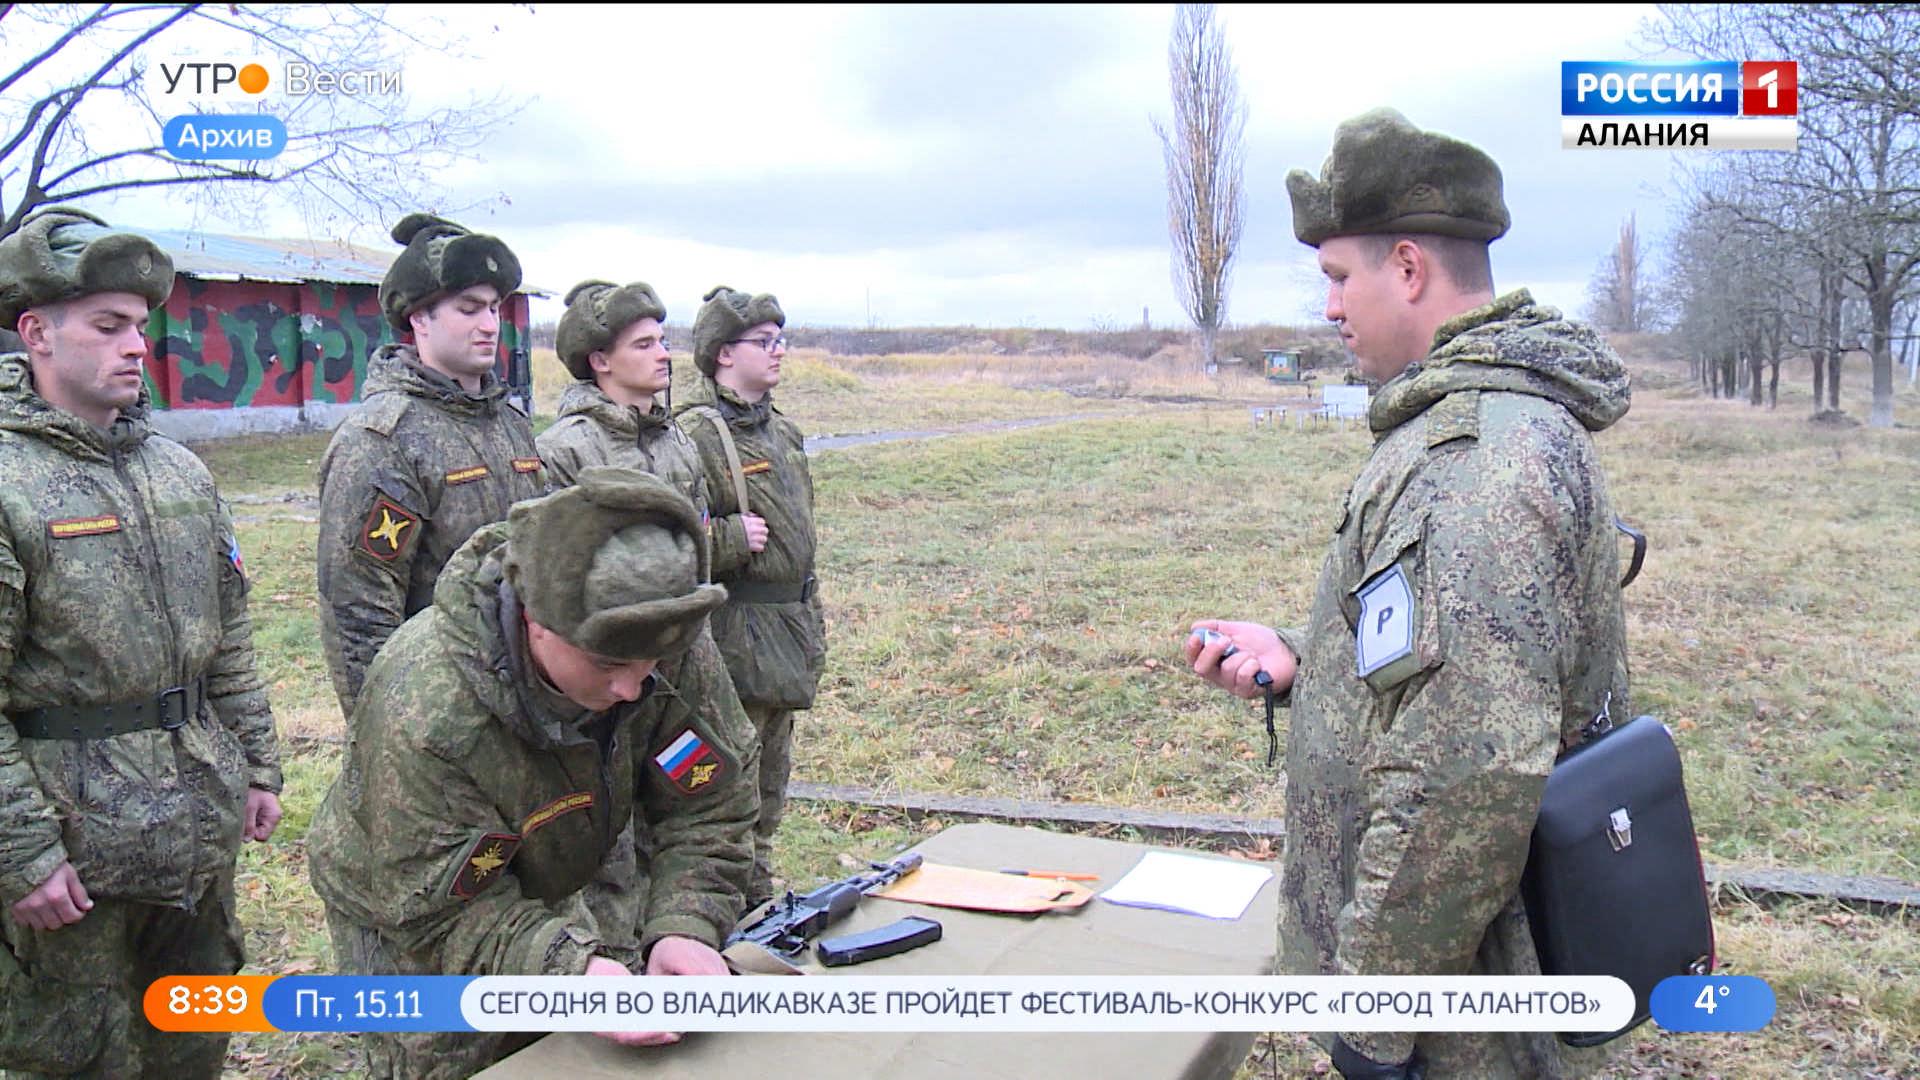 Во Владикавказе отметят всероссийский день призывника